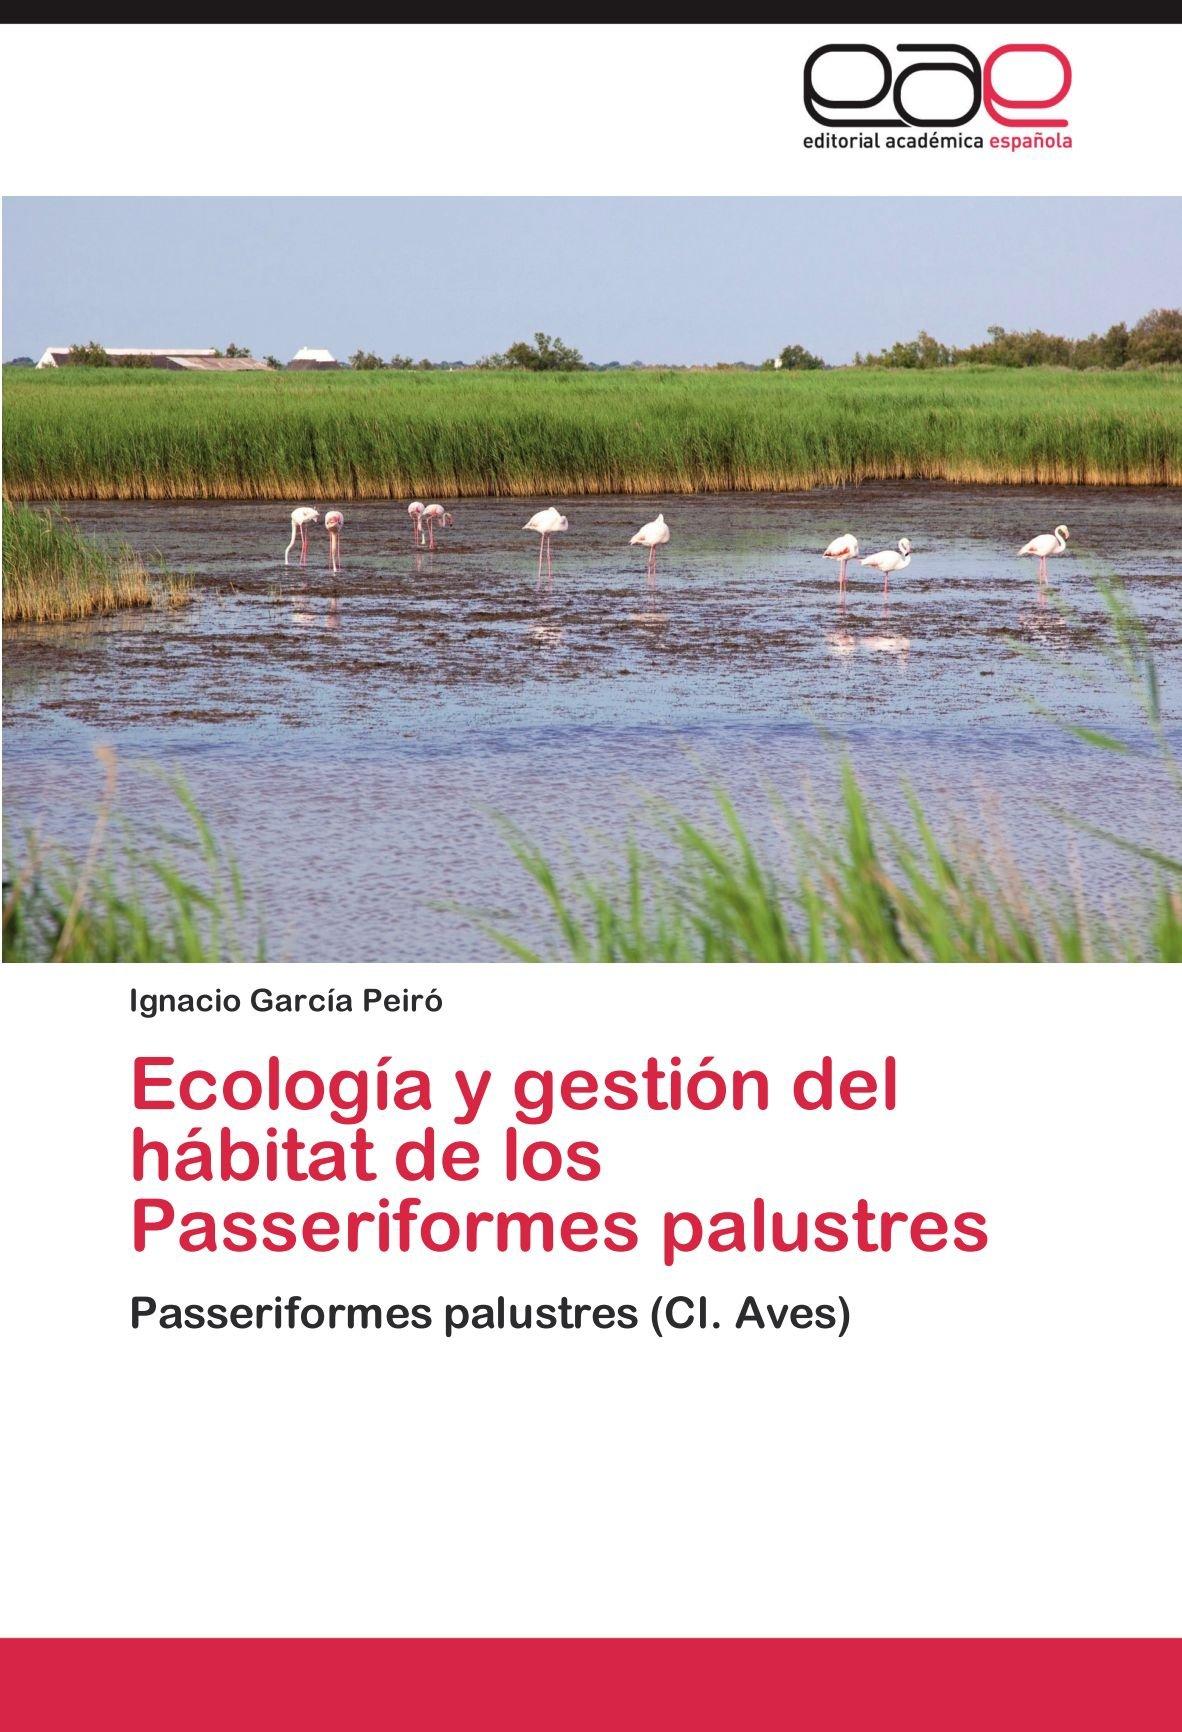 Ecología y gestión del hábitat de los Passeriformes palustres: Passeriformes palustres (Cl. Aves) (Spanish Edition) by Ignacio Garc a Peir